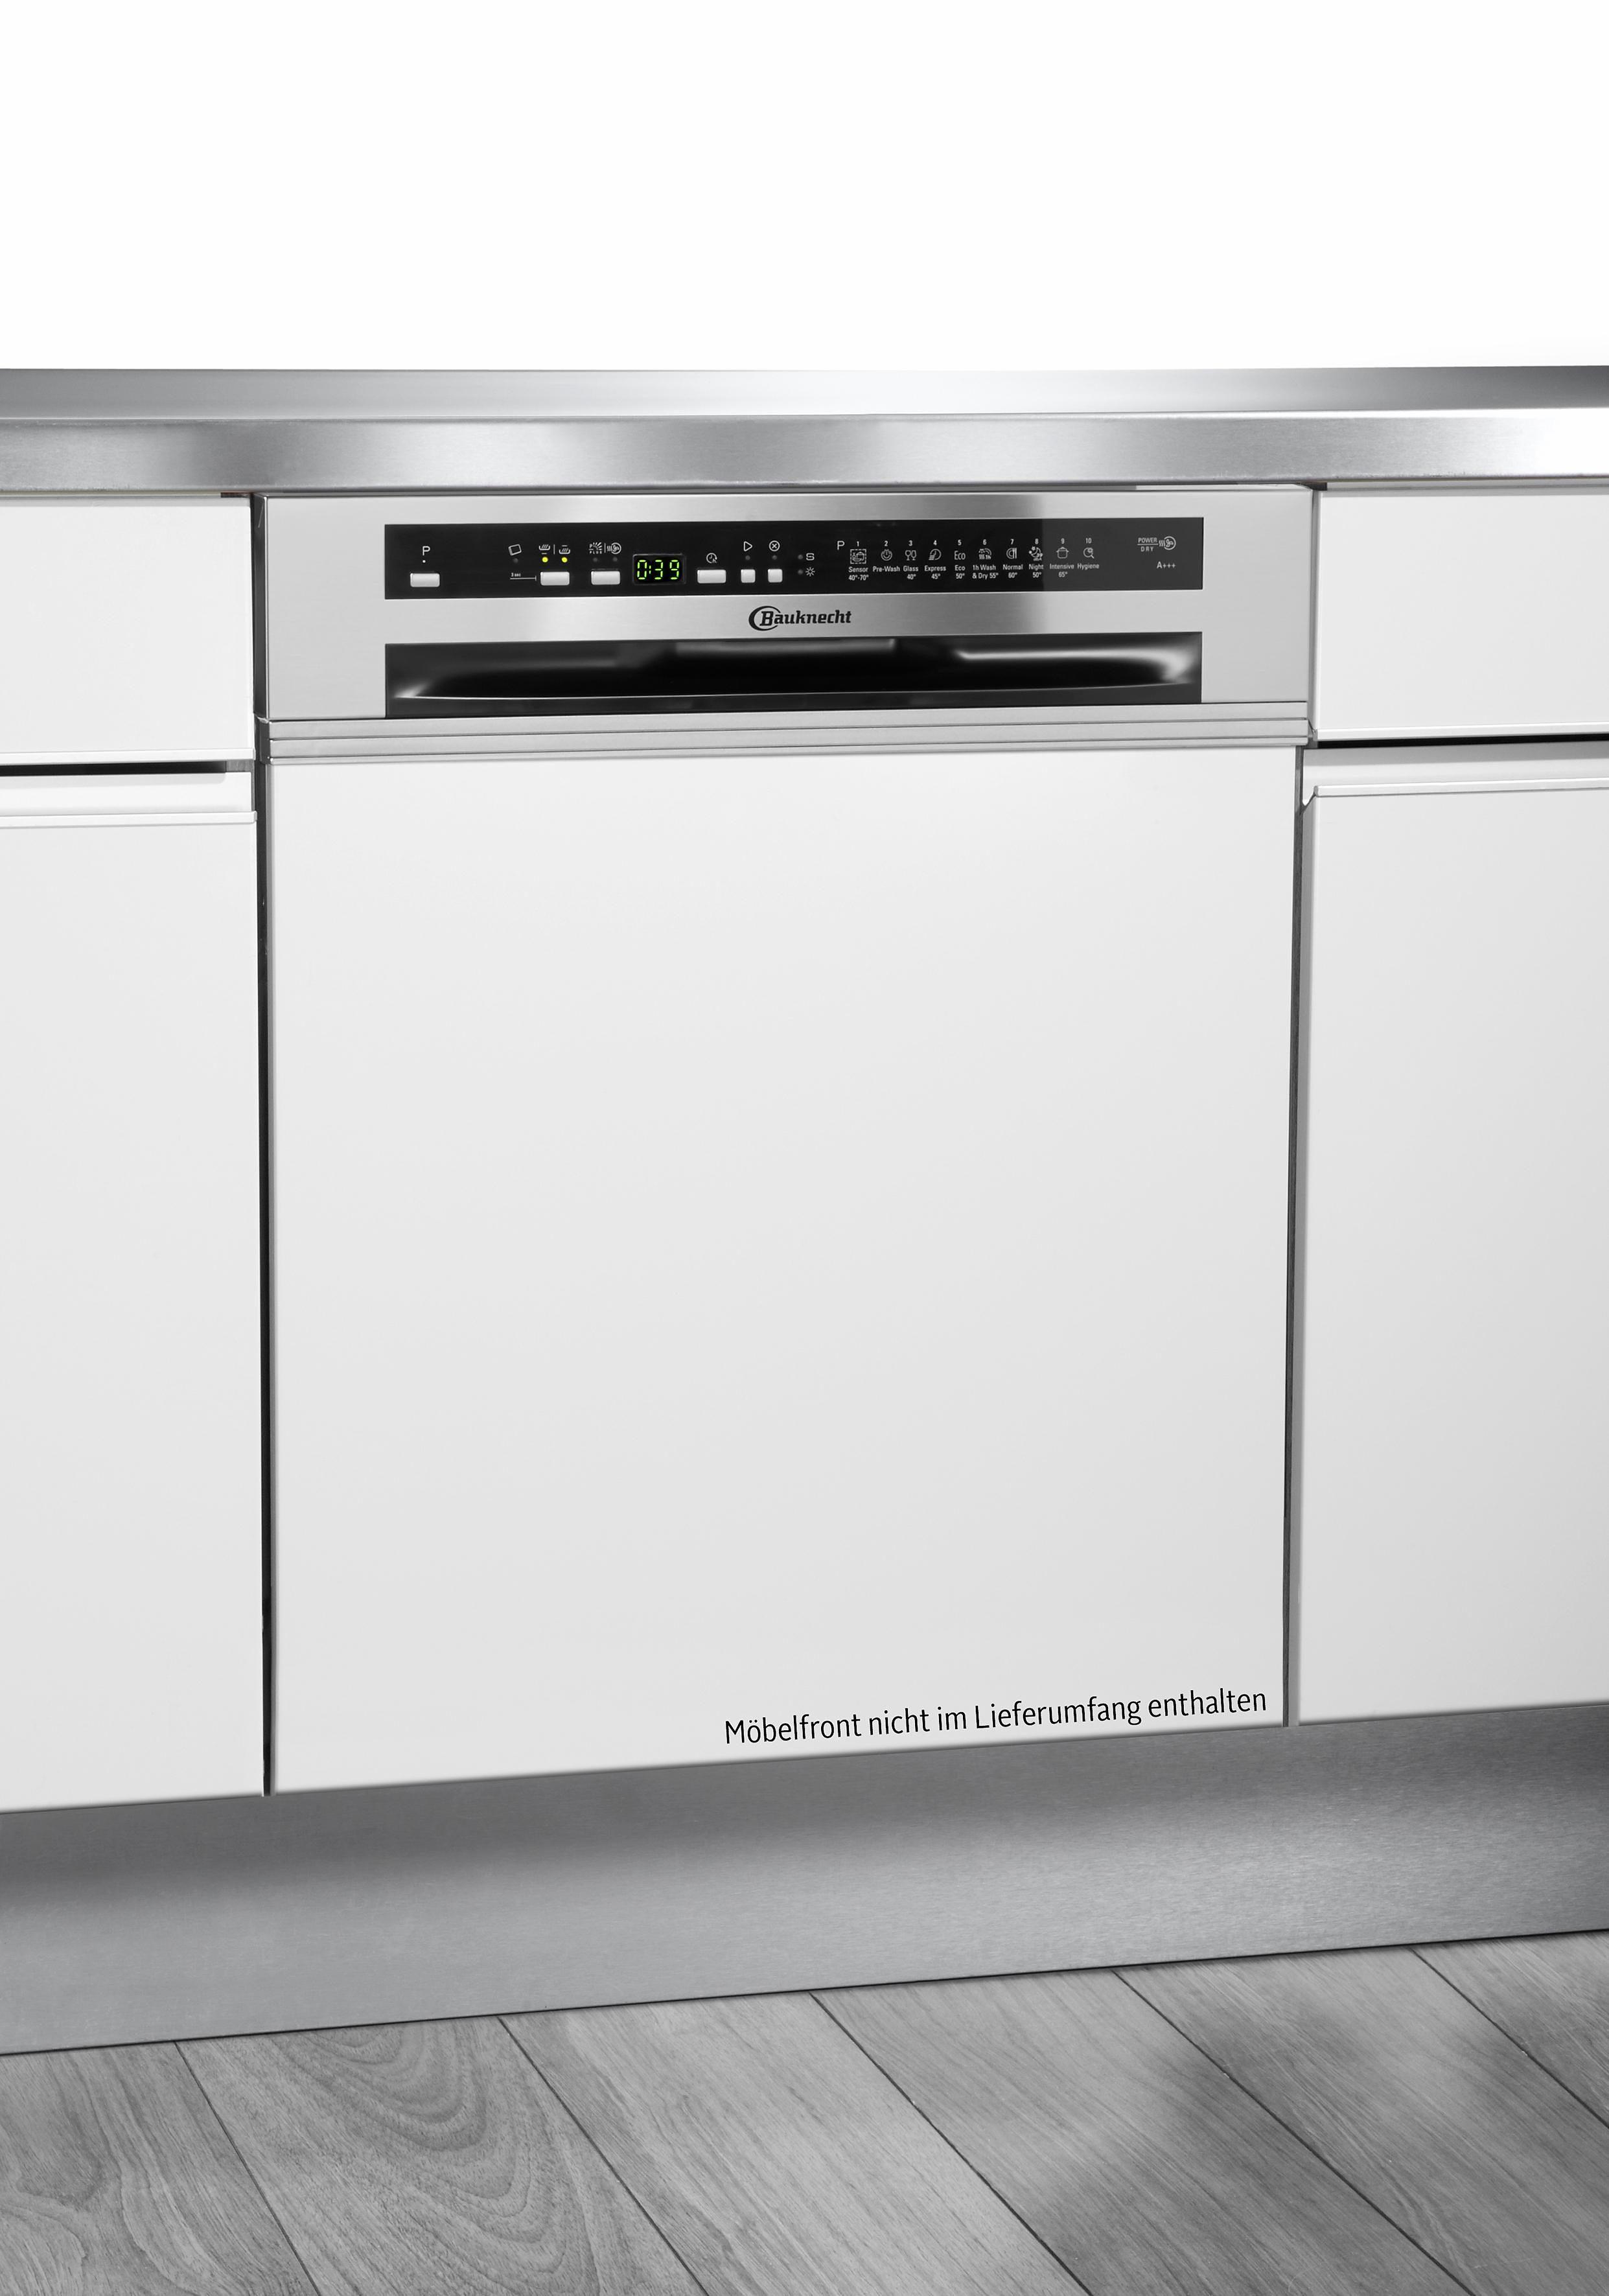 Bauknecht integrierbarer Einbaugeschirrspüler GSI 102414 A+++ IN, 10 Liter, 13 Maßgedecke